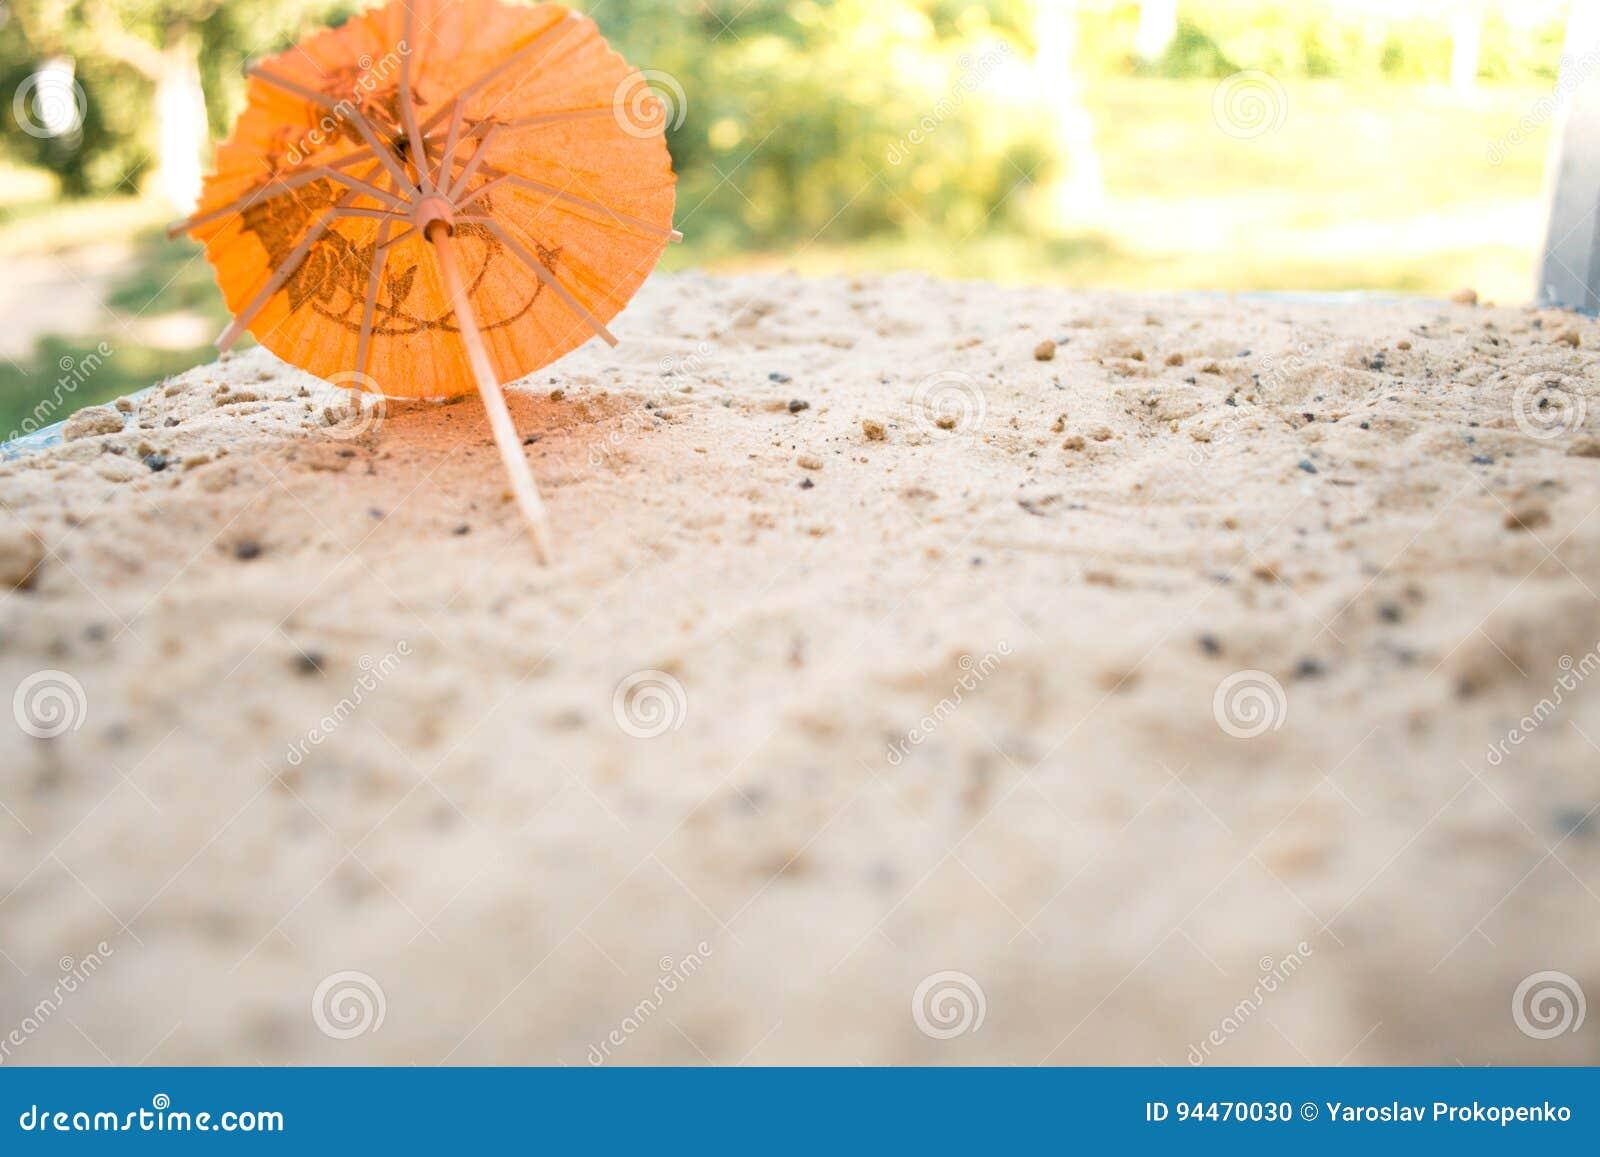 鸡尾酒的伞在含沙夏天背景